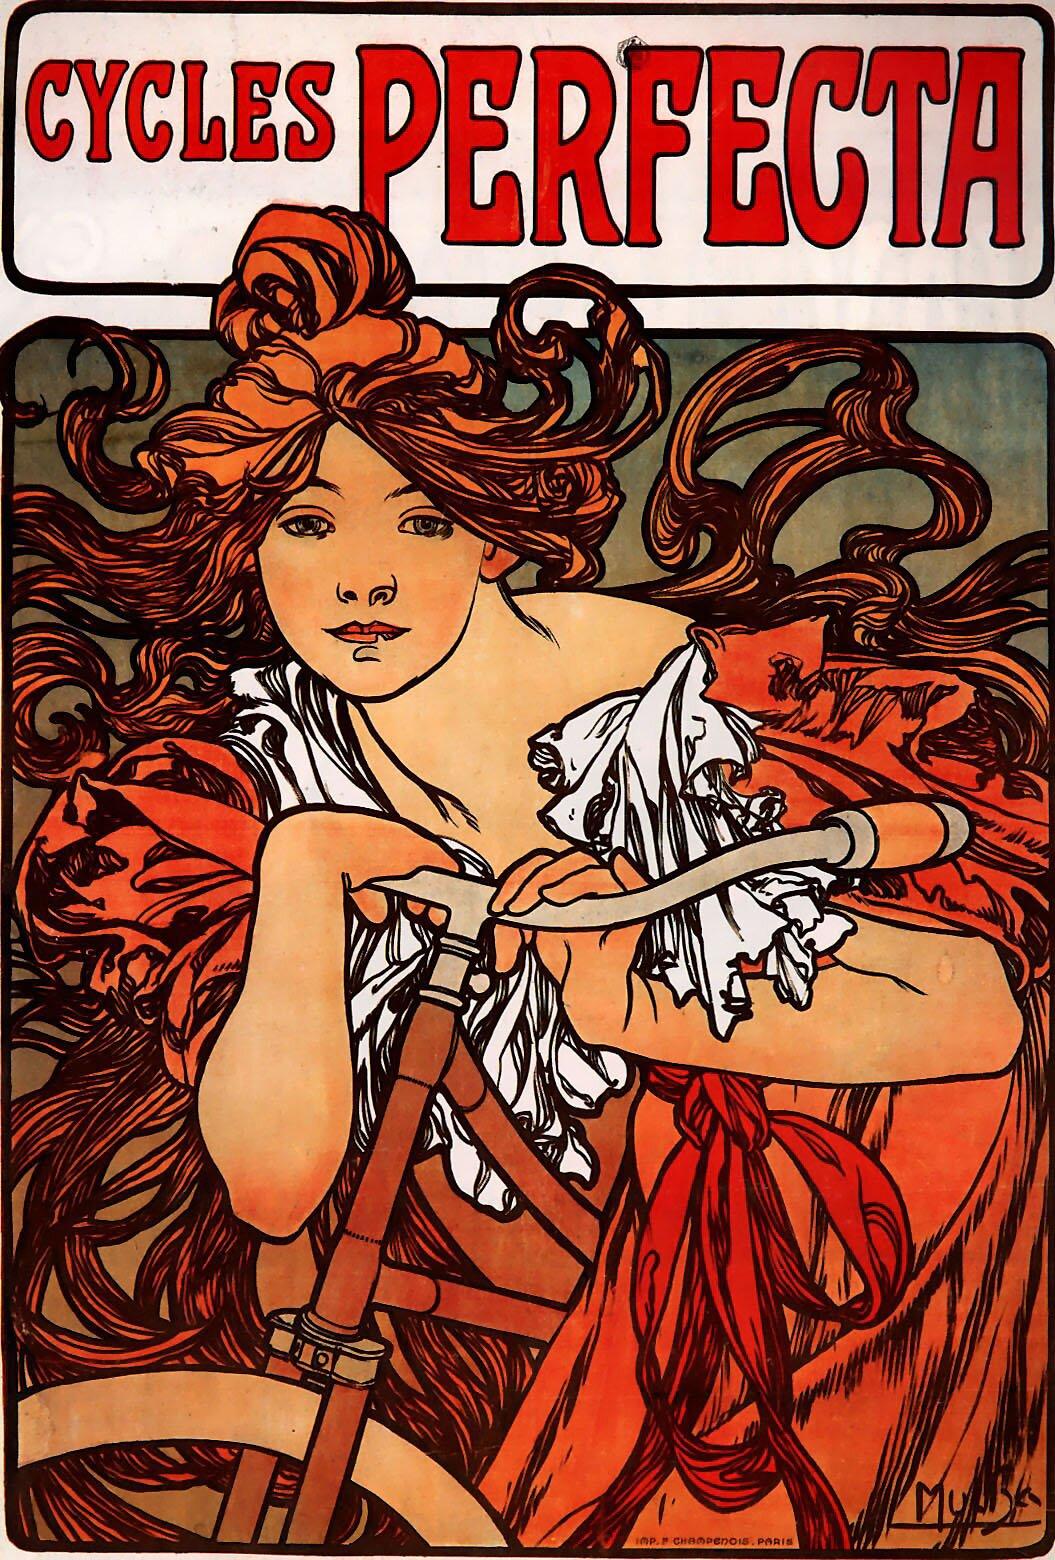 Plakat reklamowy rowerów Perfecta Ilustracja 3 Źródło: Alfons Mucha, Plakat reklamowy rowerów Perfecta, 1902, litografia barwna, zbiory prywatne, domena publiczna.